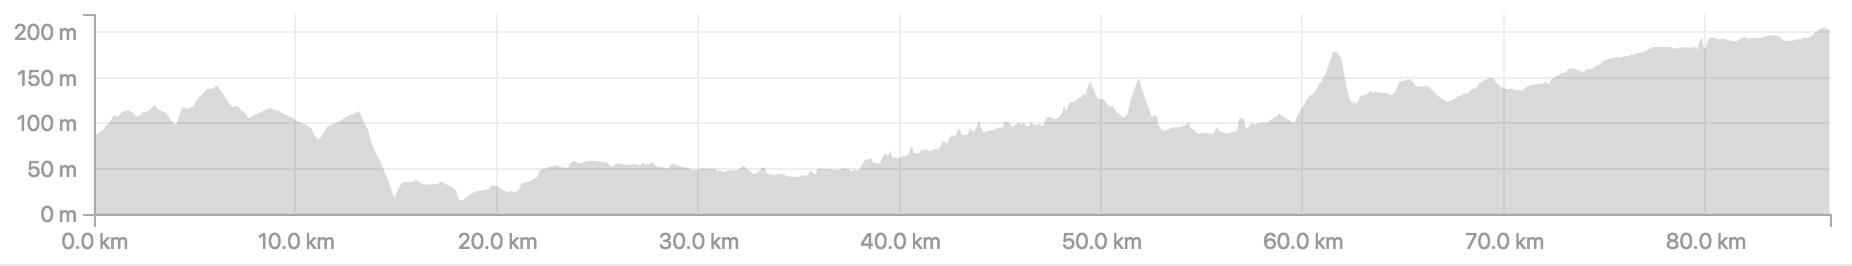 Distance 86.2km, ascent 802m.